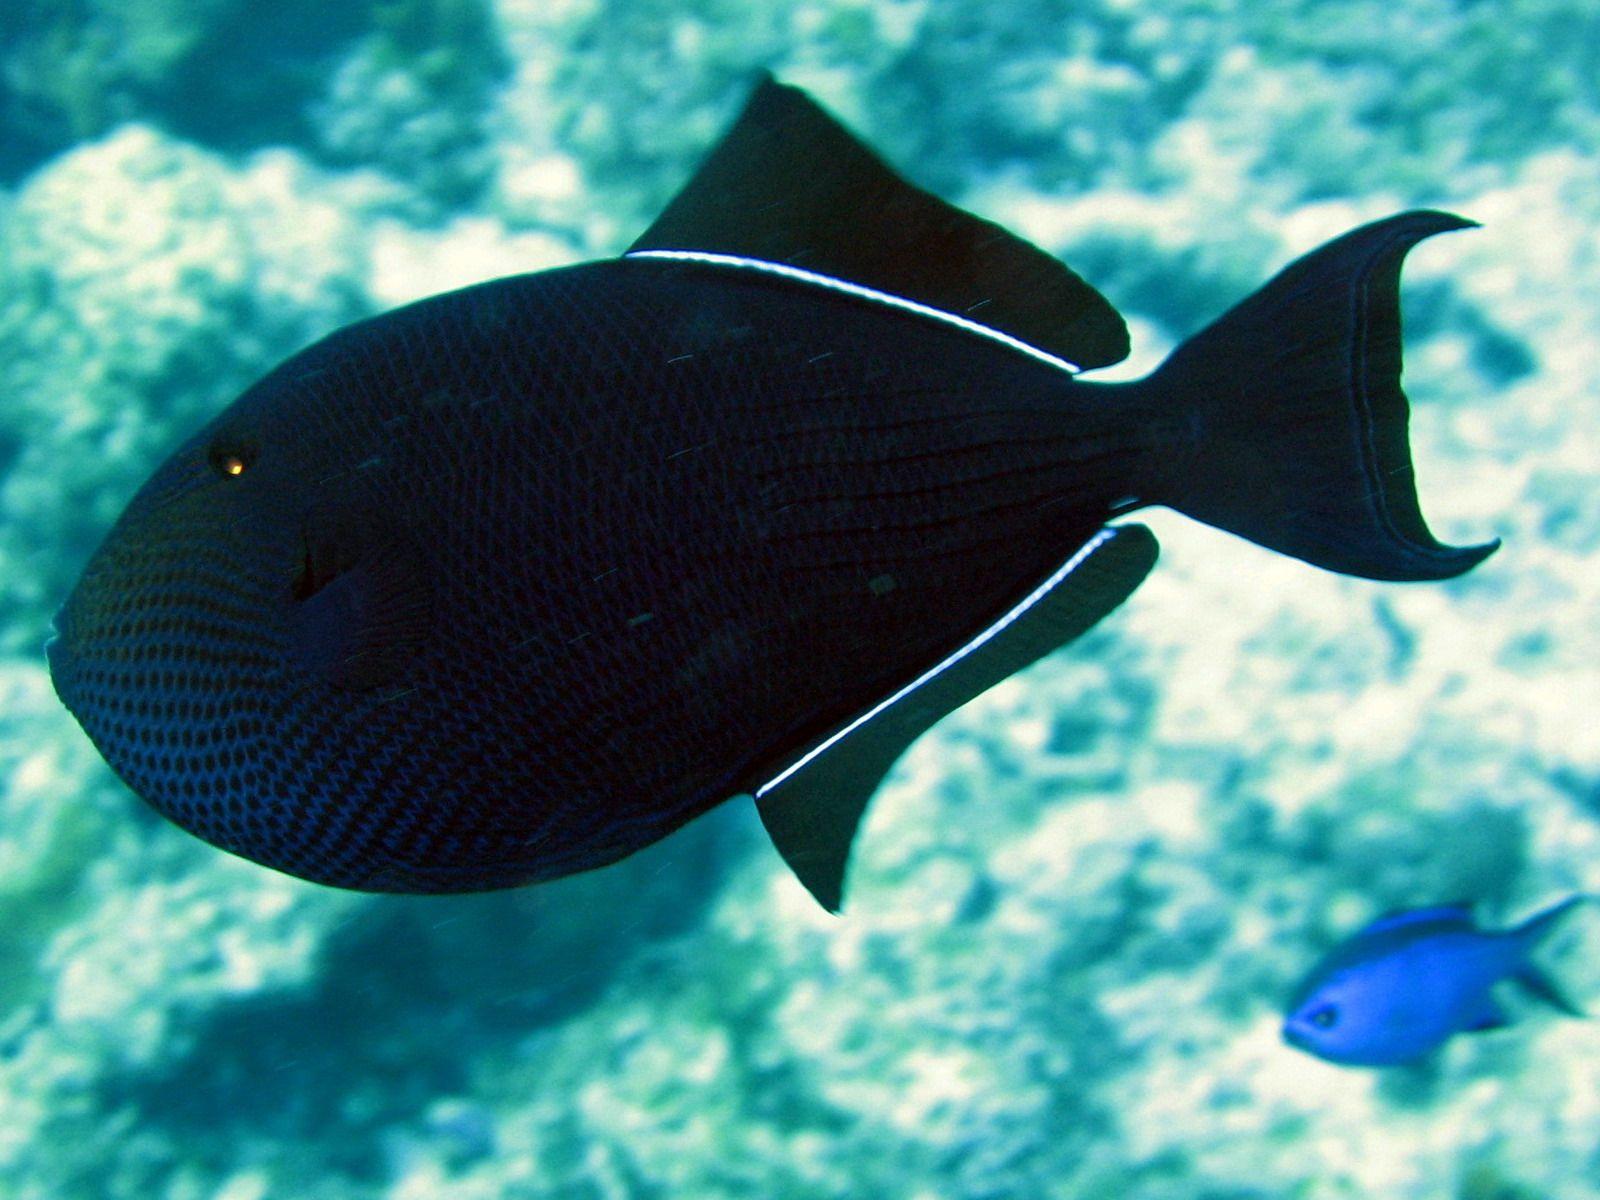 Black Durgon Ocean creatures, Marine fish, Under the sea